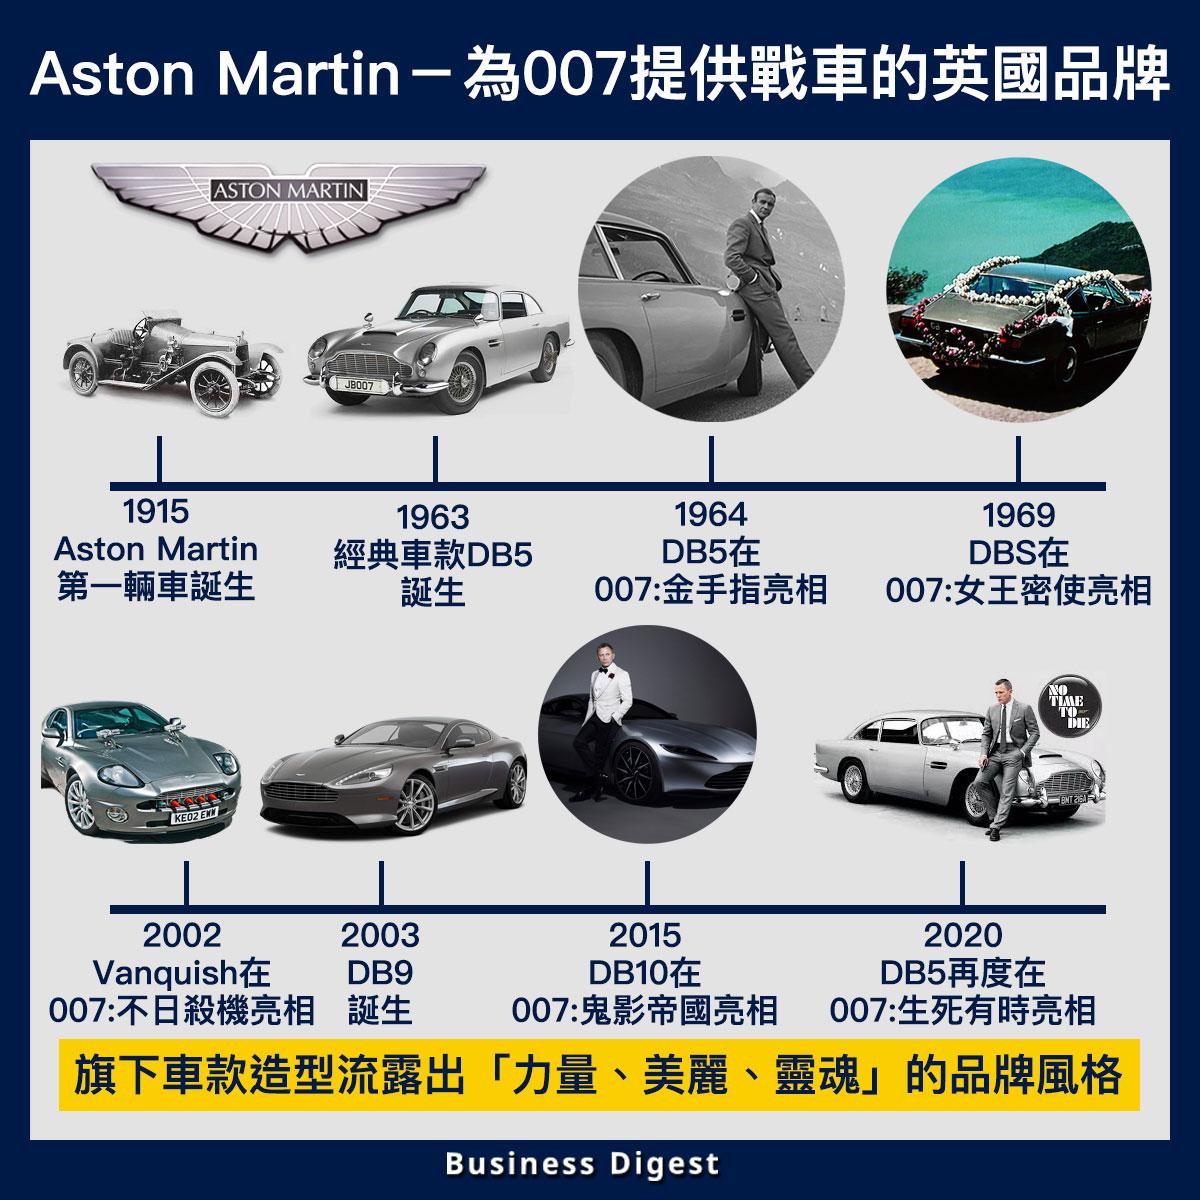 【生活中的品牌故事】Aston Martin-為007提供戰車的英國品牌